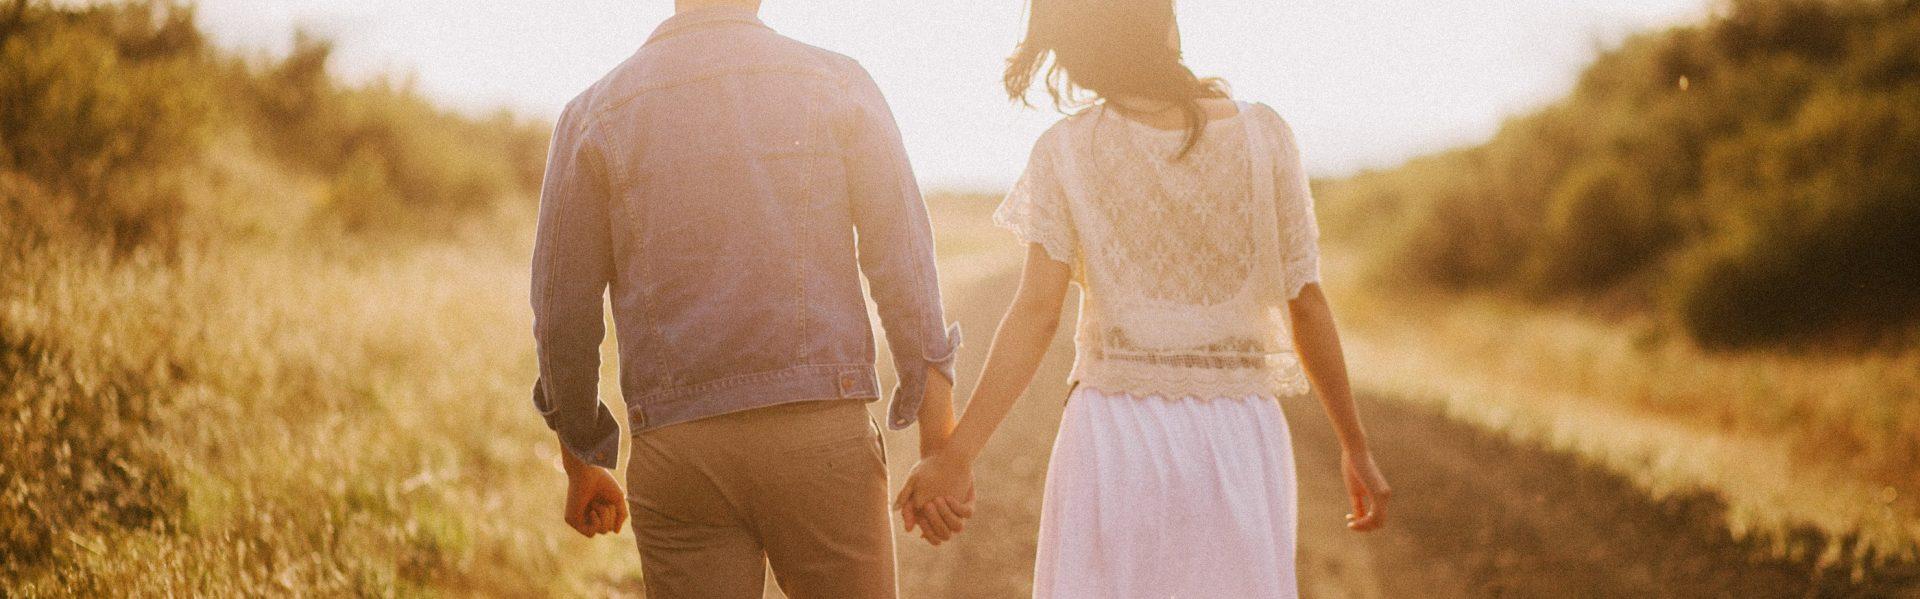 Voor Sterke Huwelijken en duurzame relaties